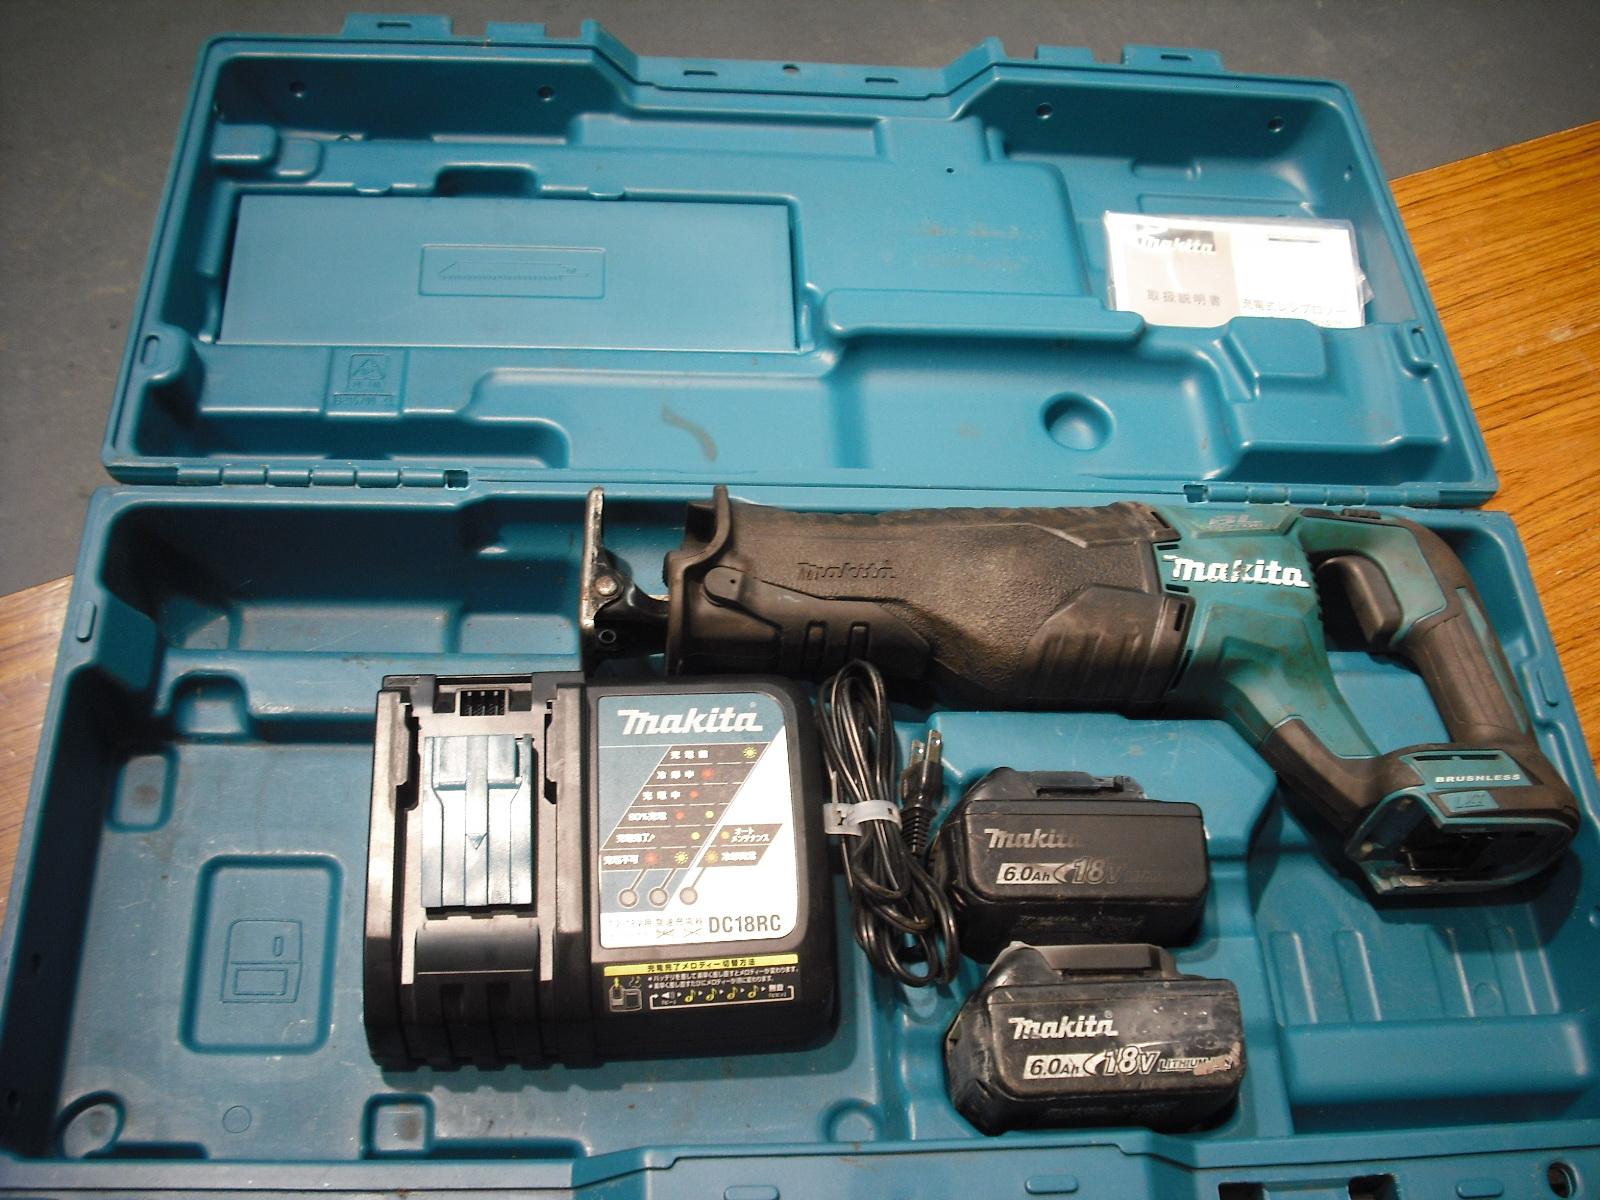 マキタ 充電式レシプロソー JR187DGRを買い取りしました!倉敷店